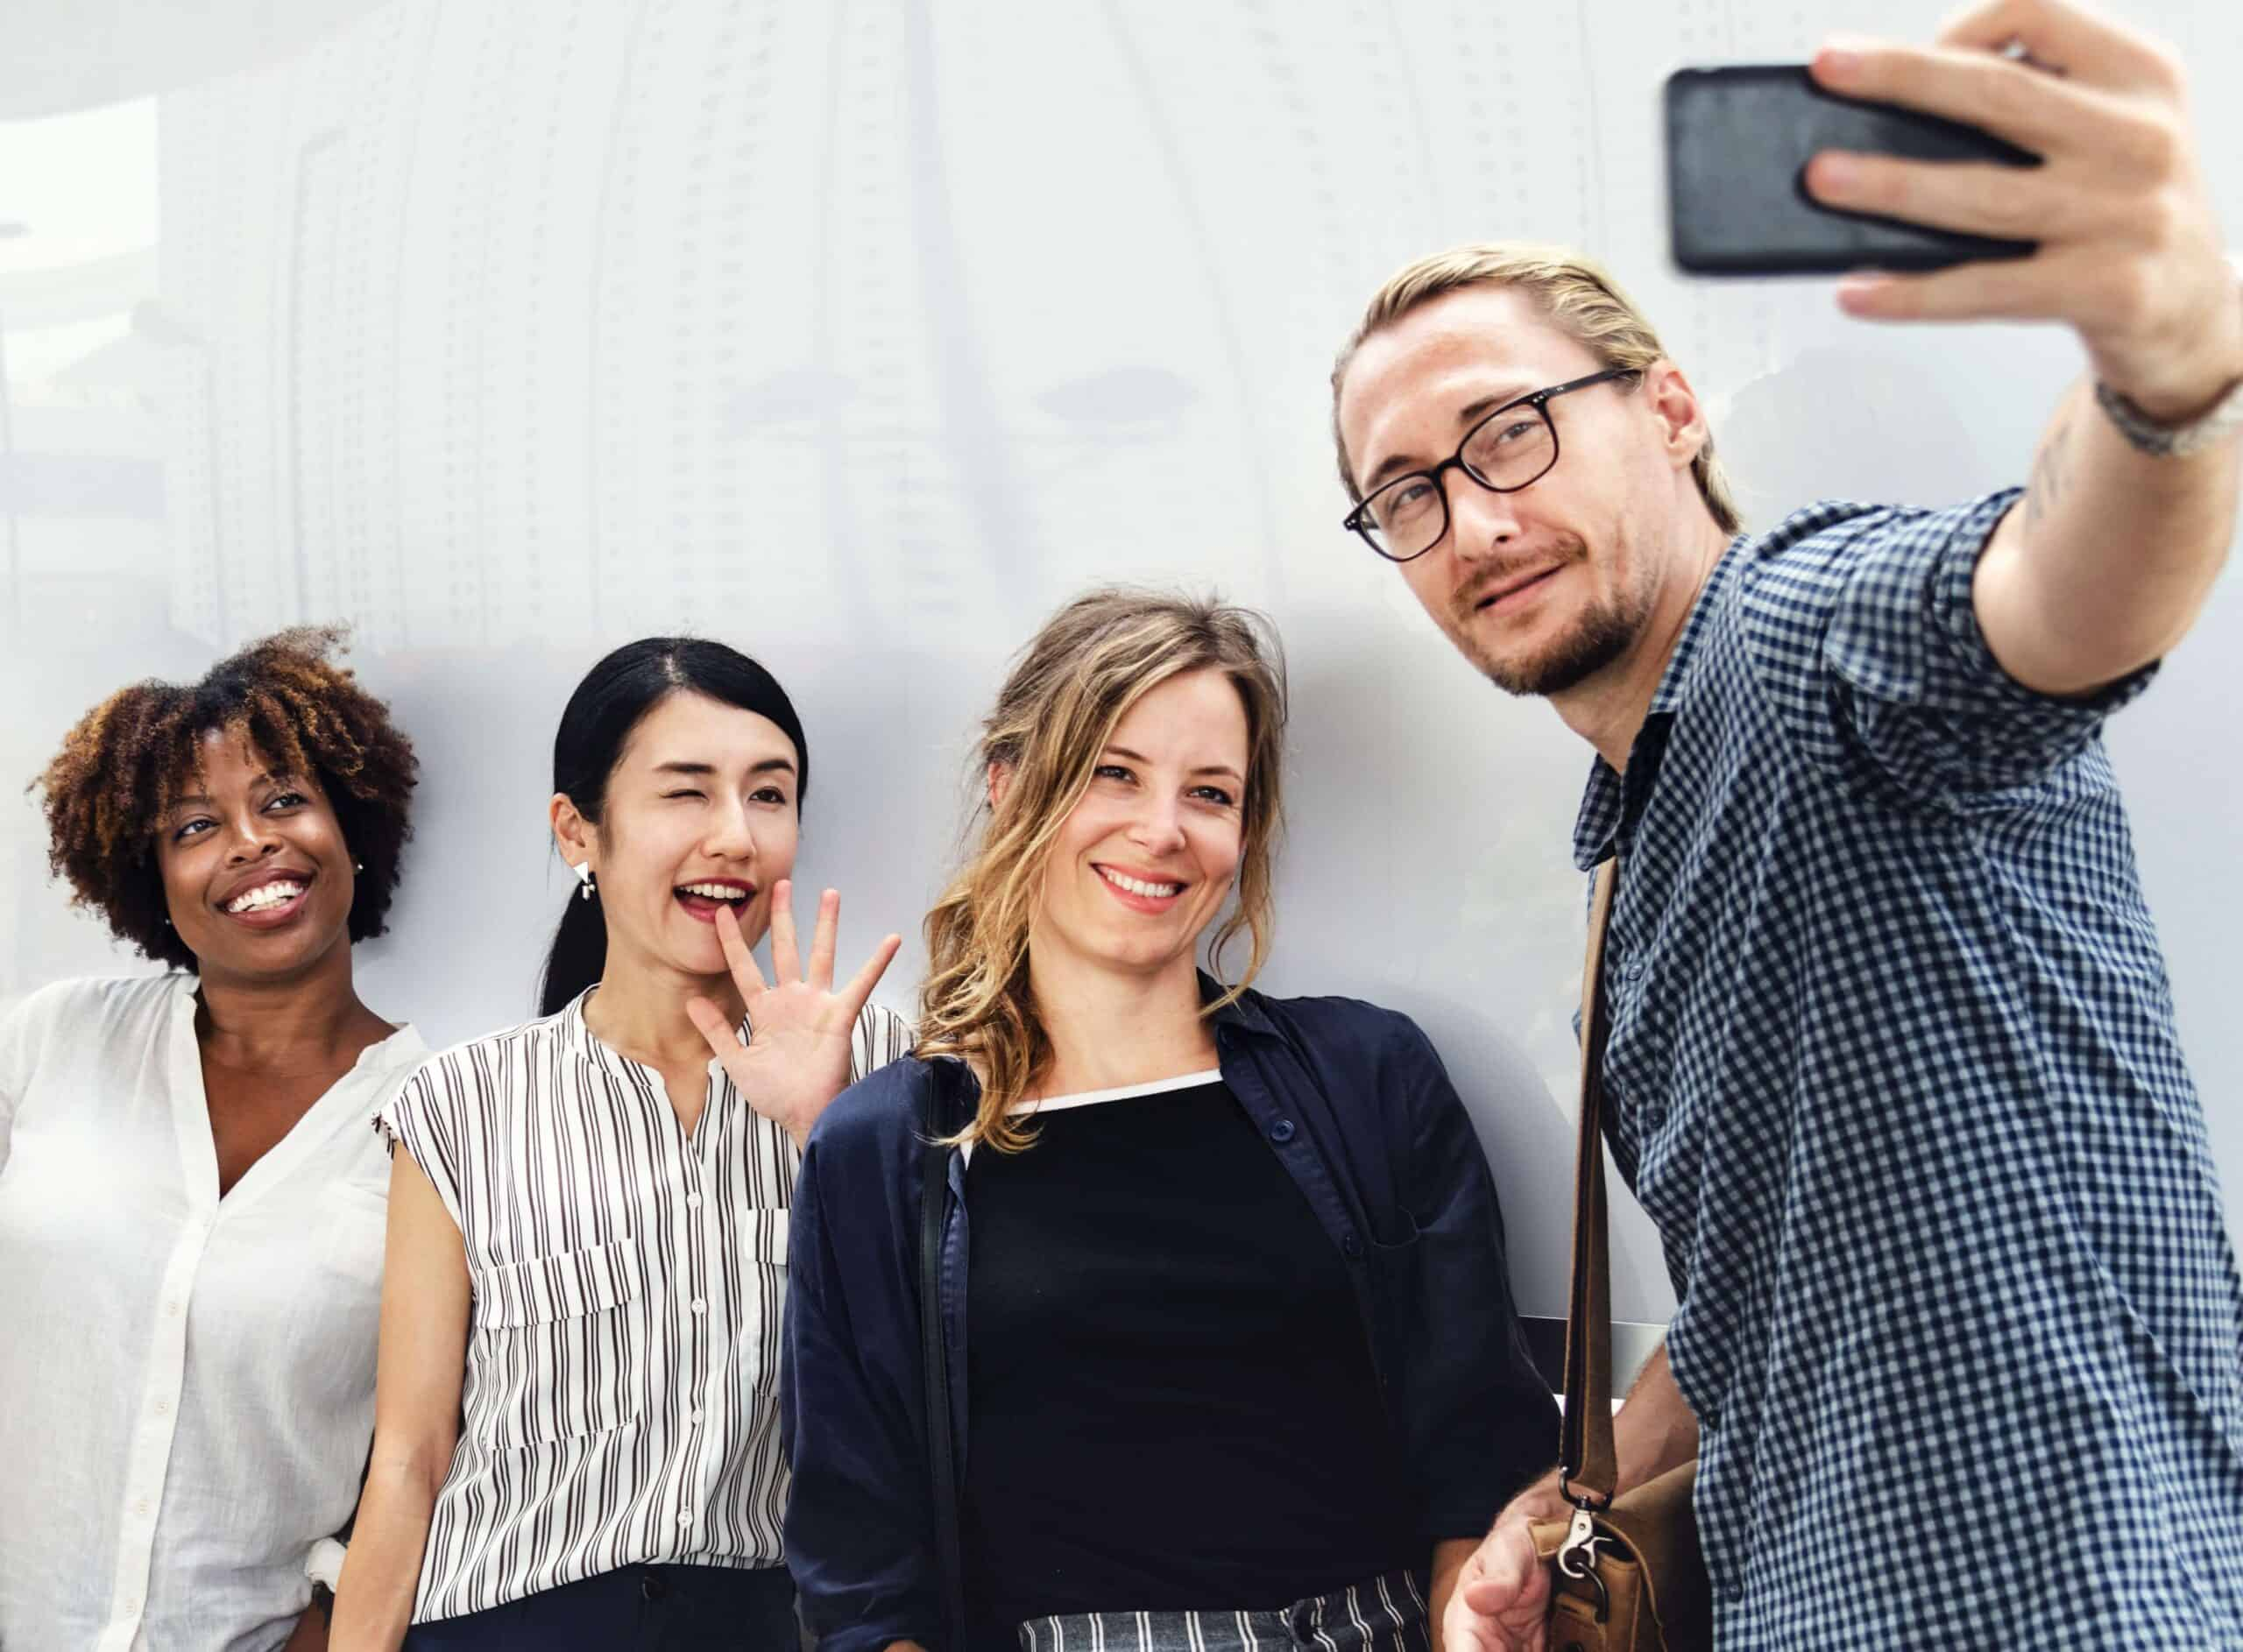 group-taking-selfie